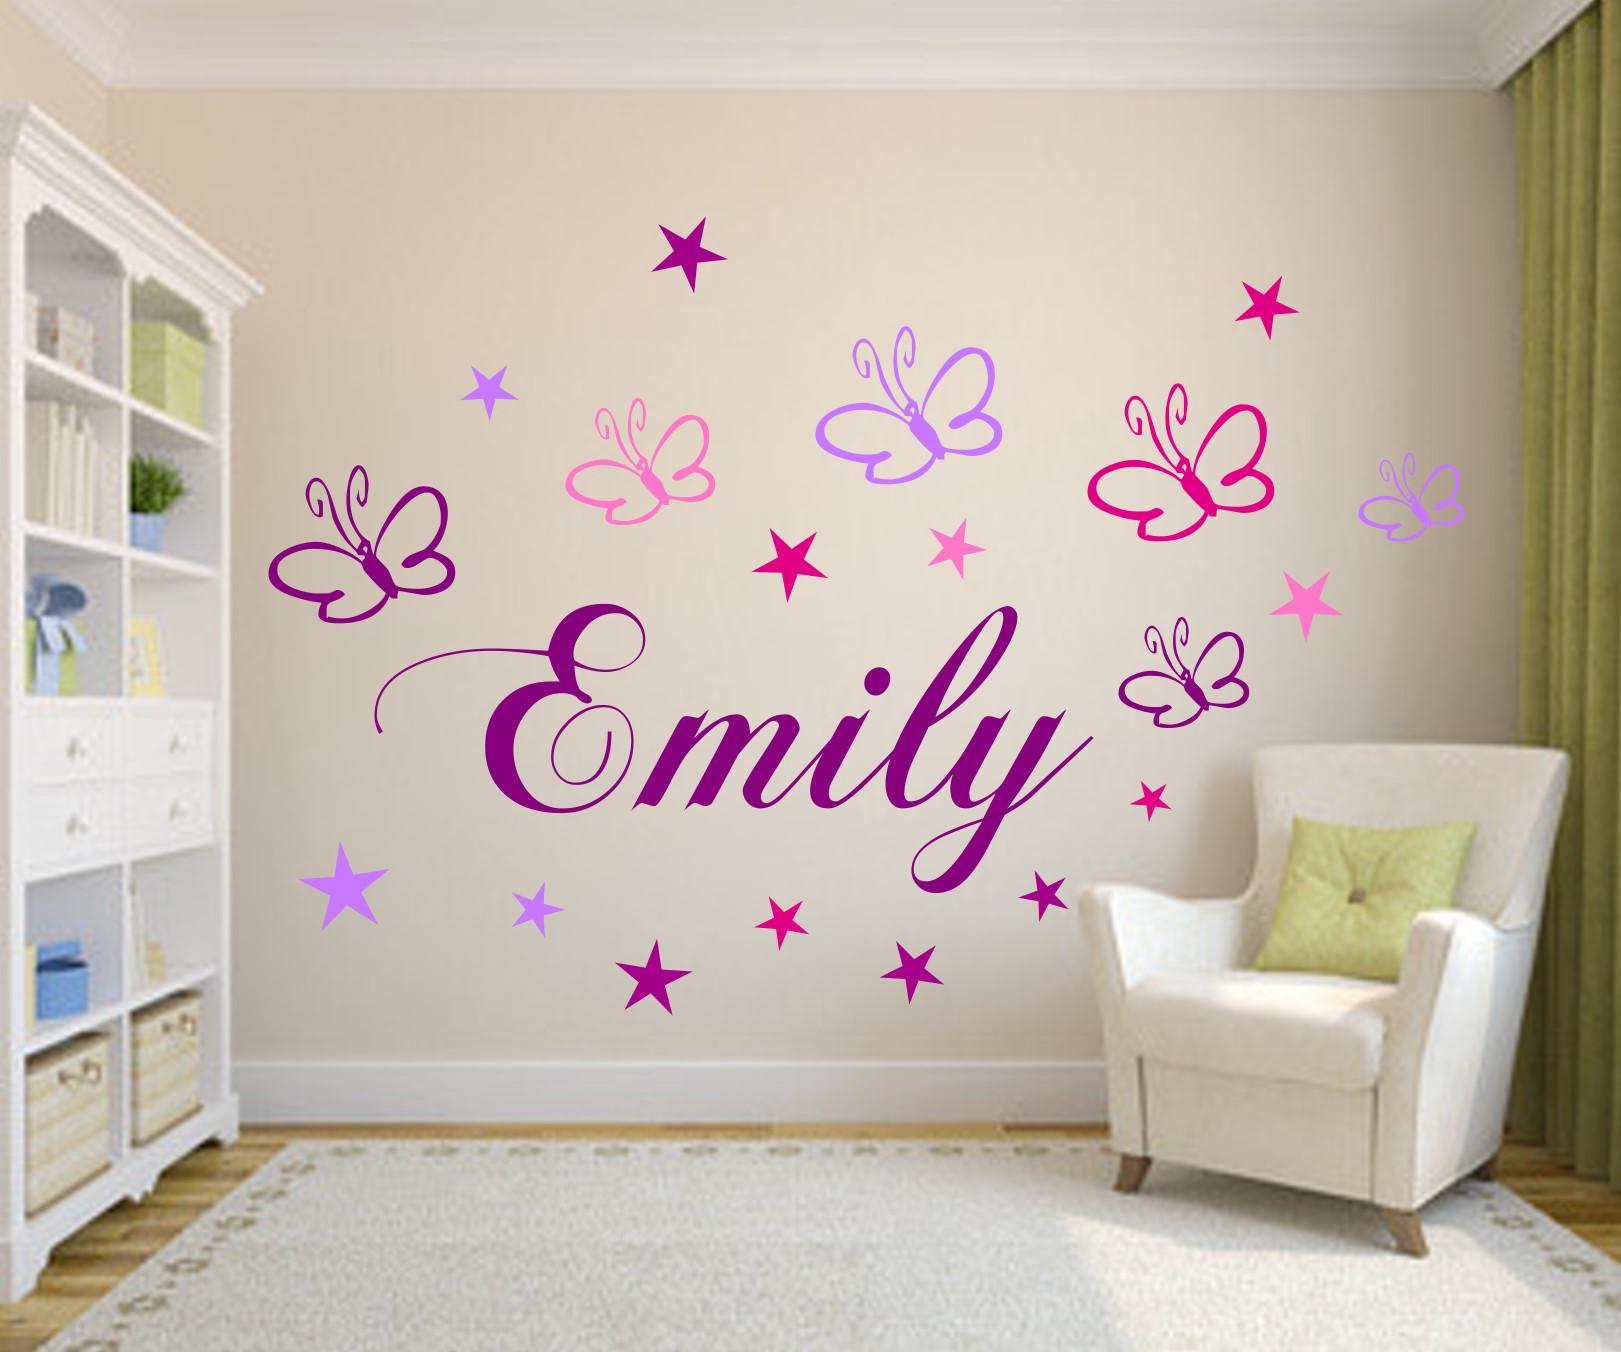 Details zu Wandtattoo Kinderzimmer Namen m. Schmetterlingen+Sternen Baby  persoalisiert